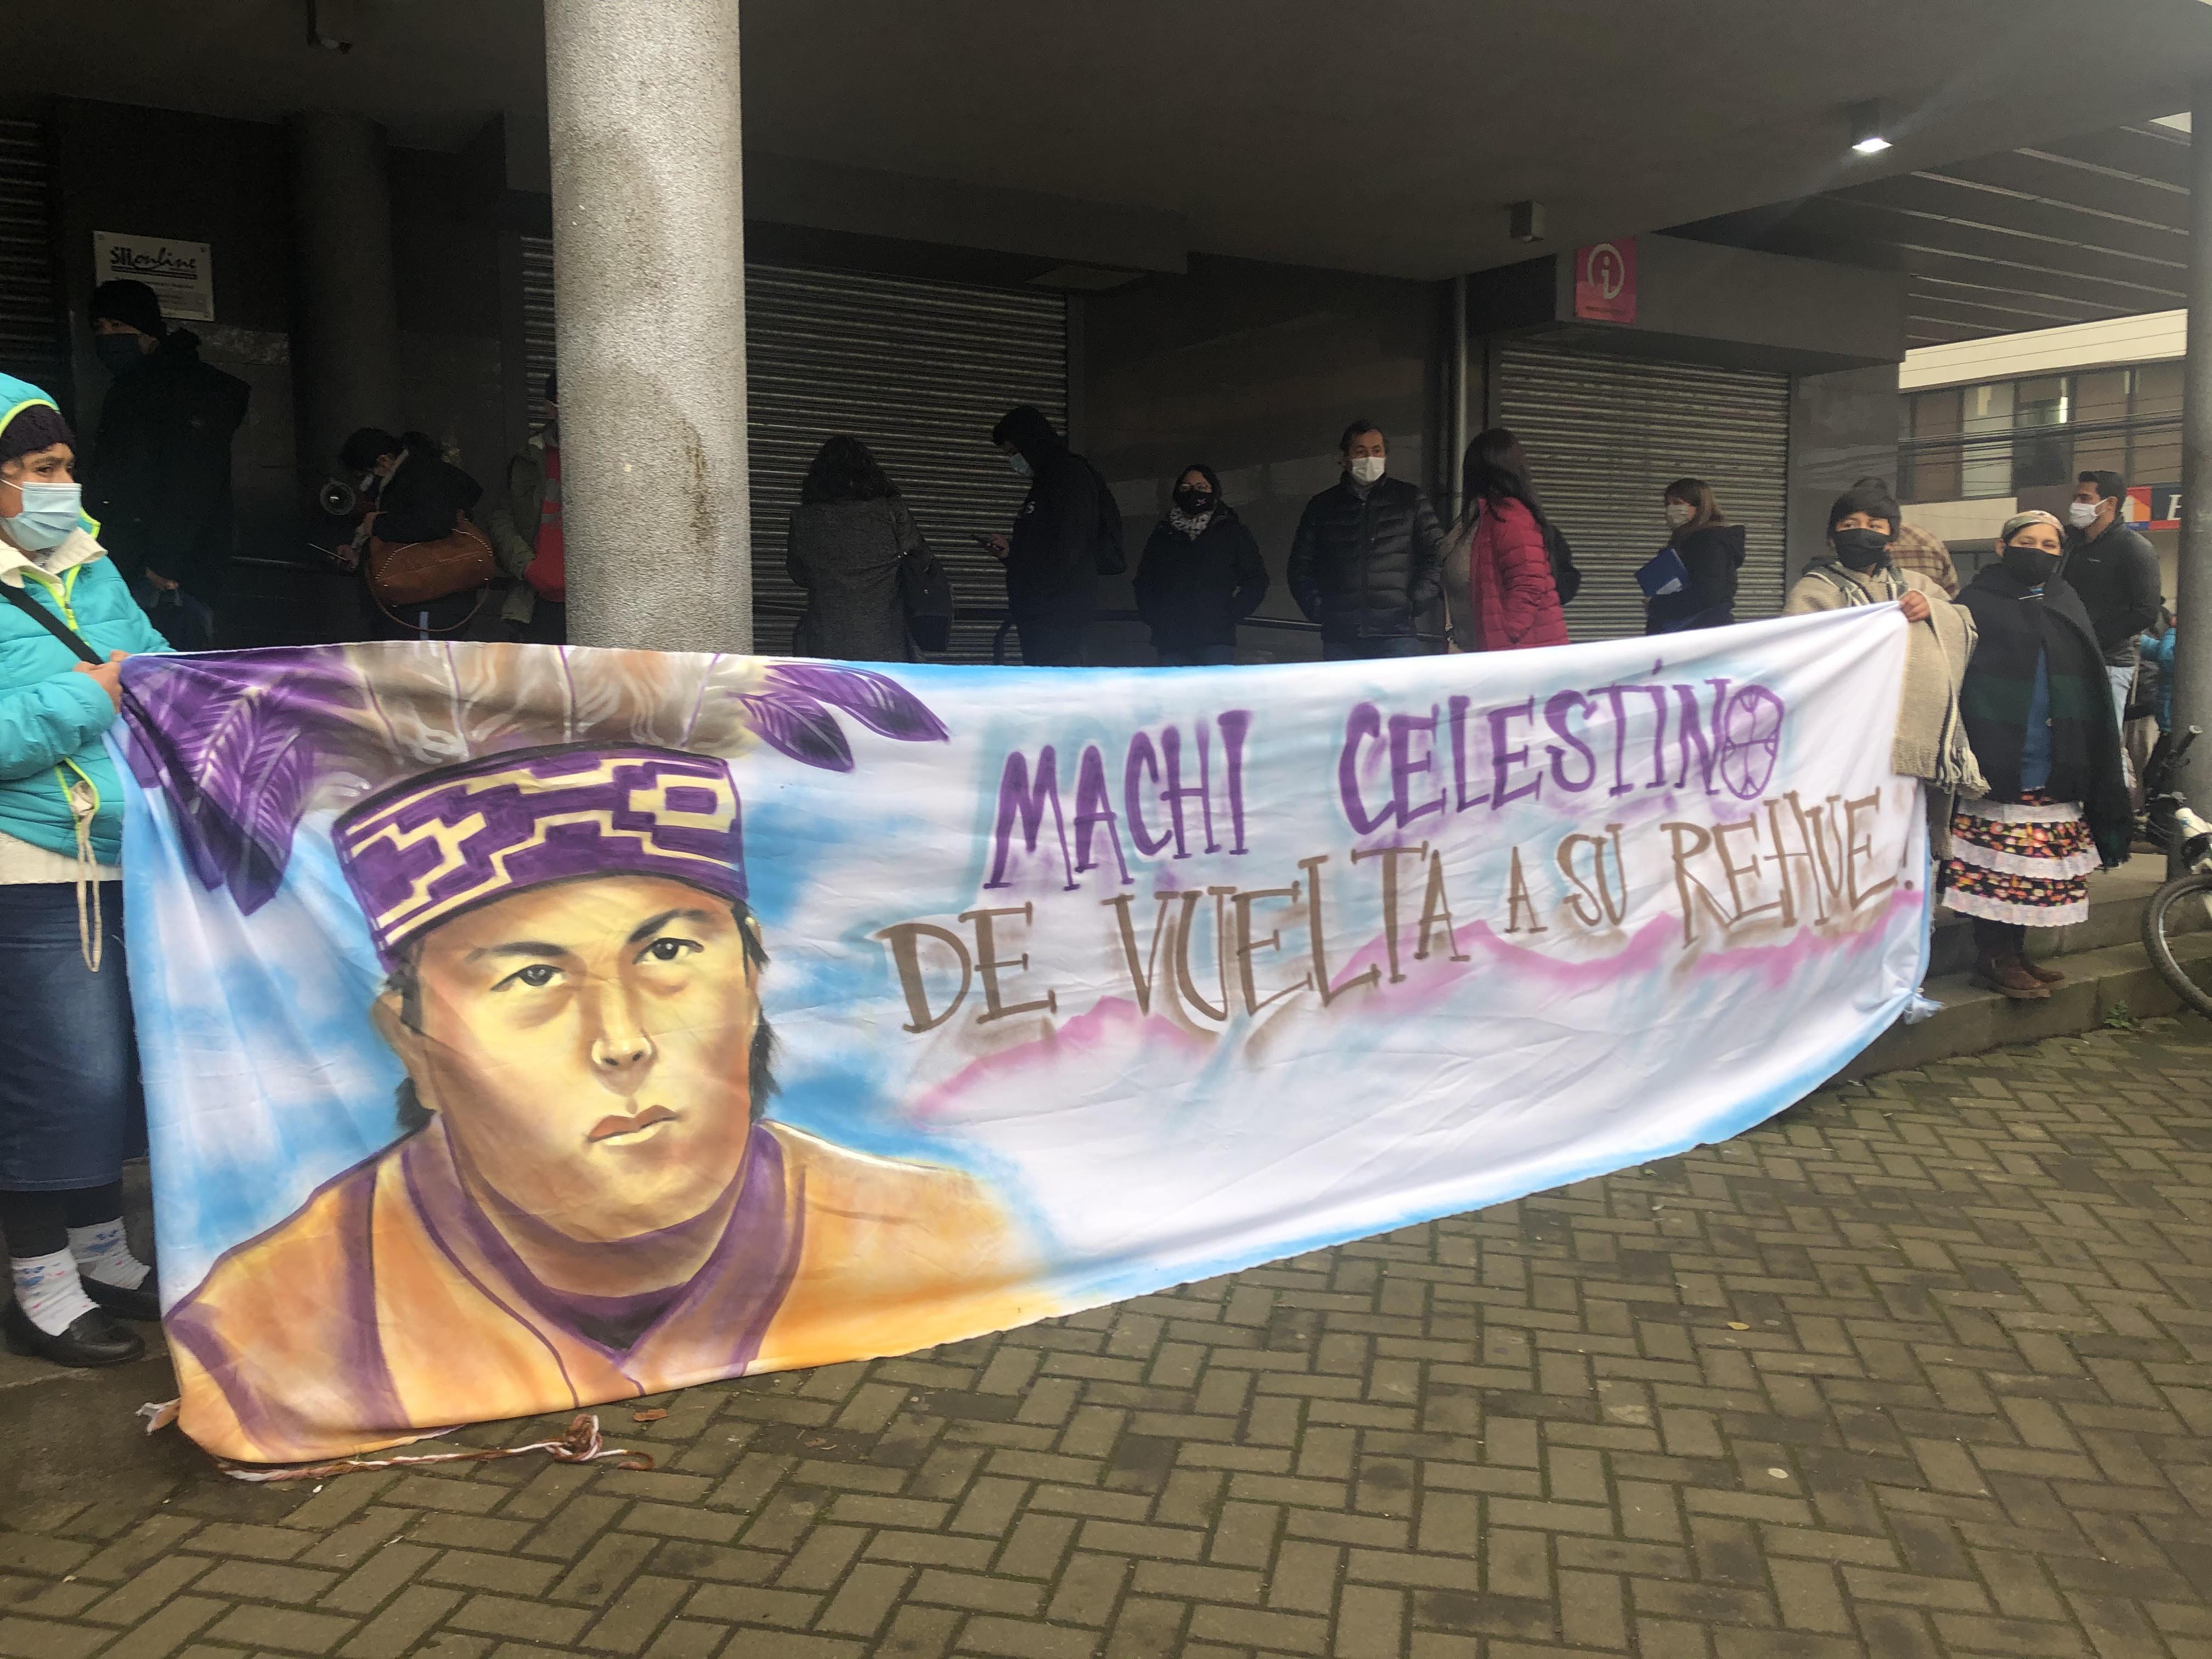 Decenas de personas se han acercado al Centro Penitenciario de Temuco para entregar su apoyo al machi Celestino Córdova ante la huelga de hambre que ya sostiene hace 93 días. Foto: @Araucanía diario